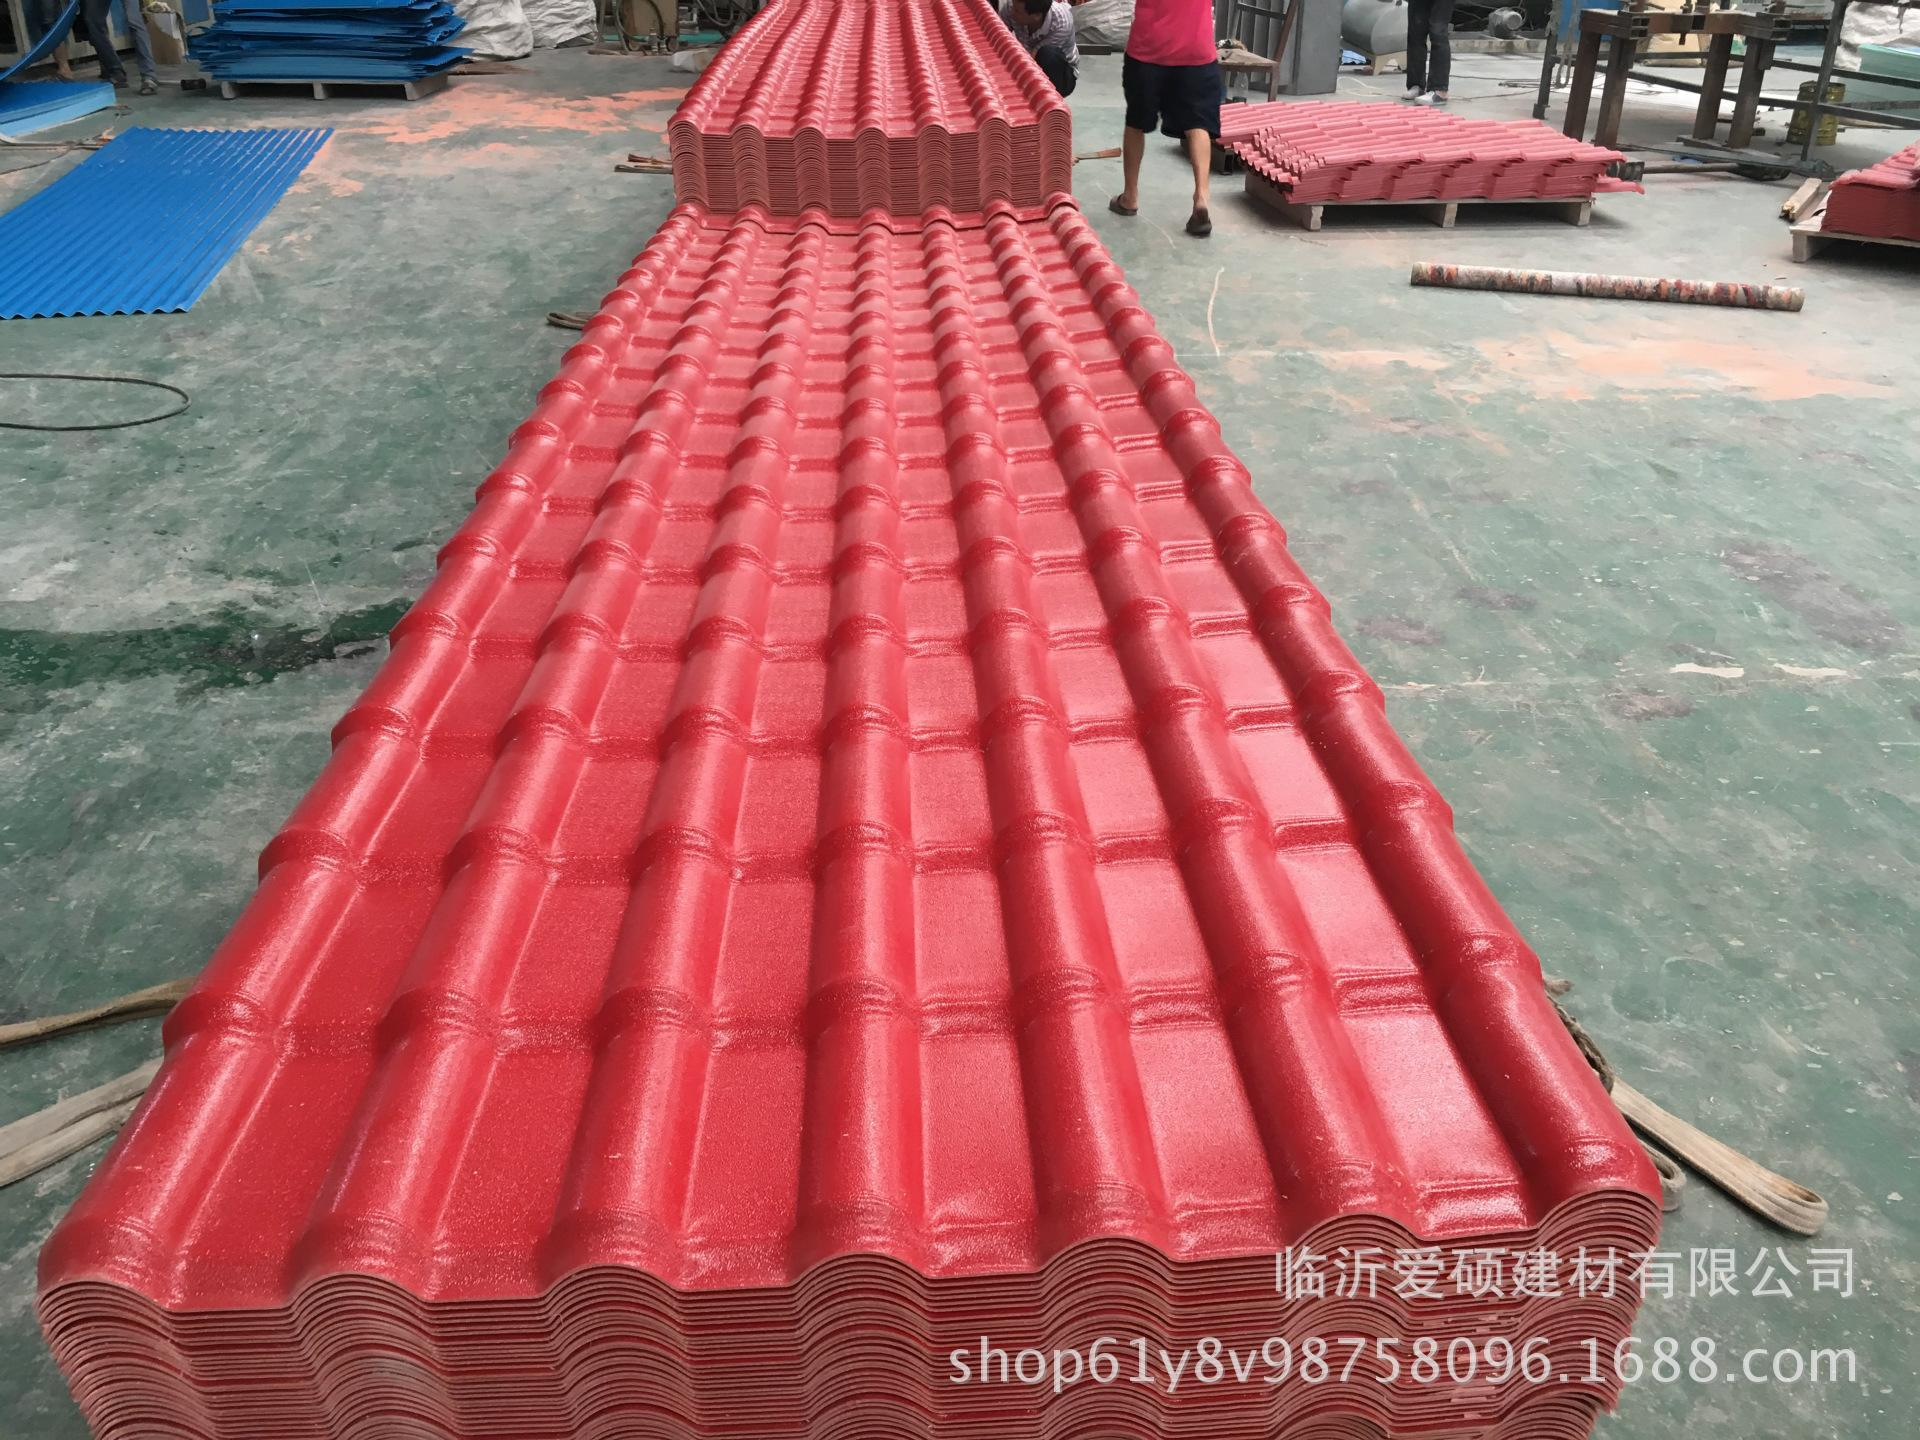 廠家直銷 東營合成樹脂瓦 平改坡裝飾瓦 屋頂瓦 別墅瓦示例圖10